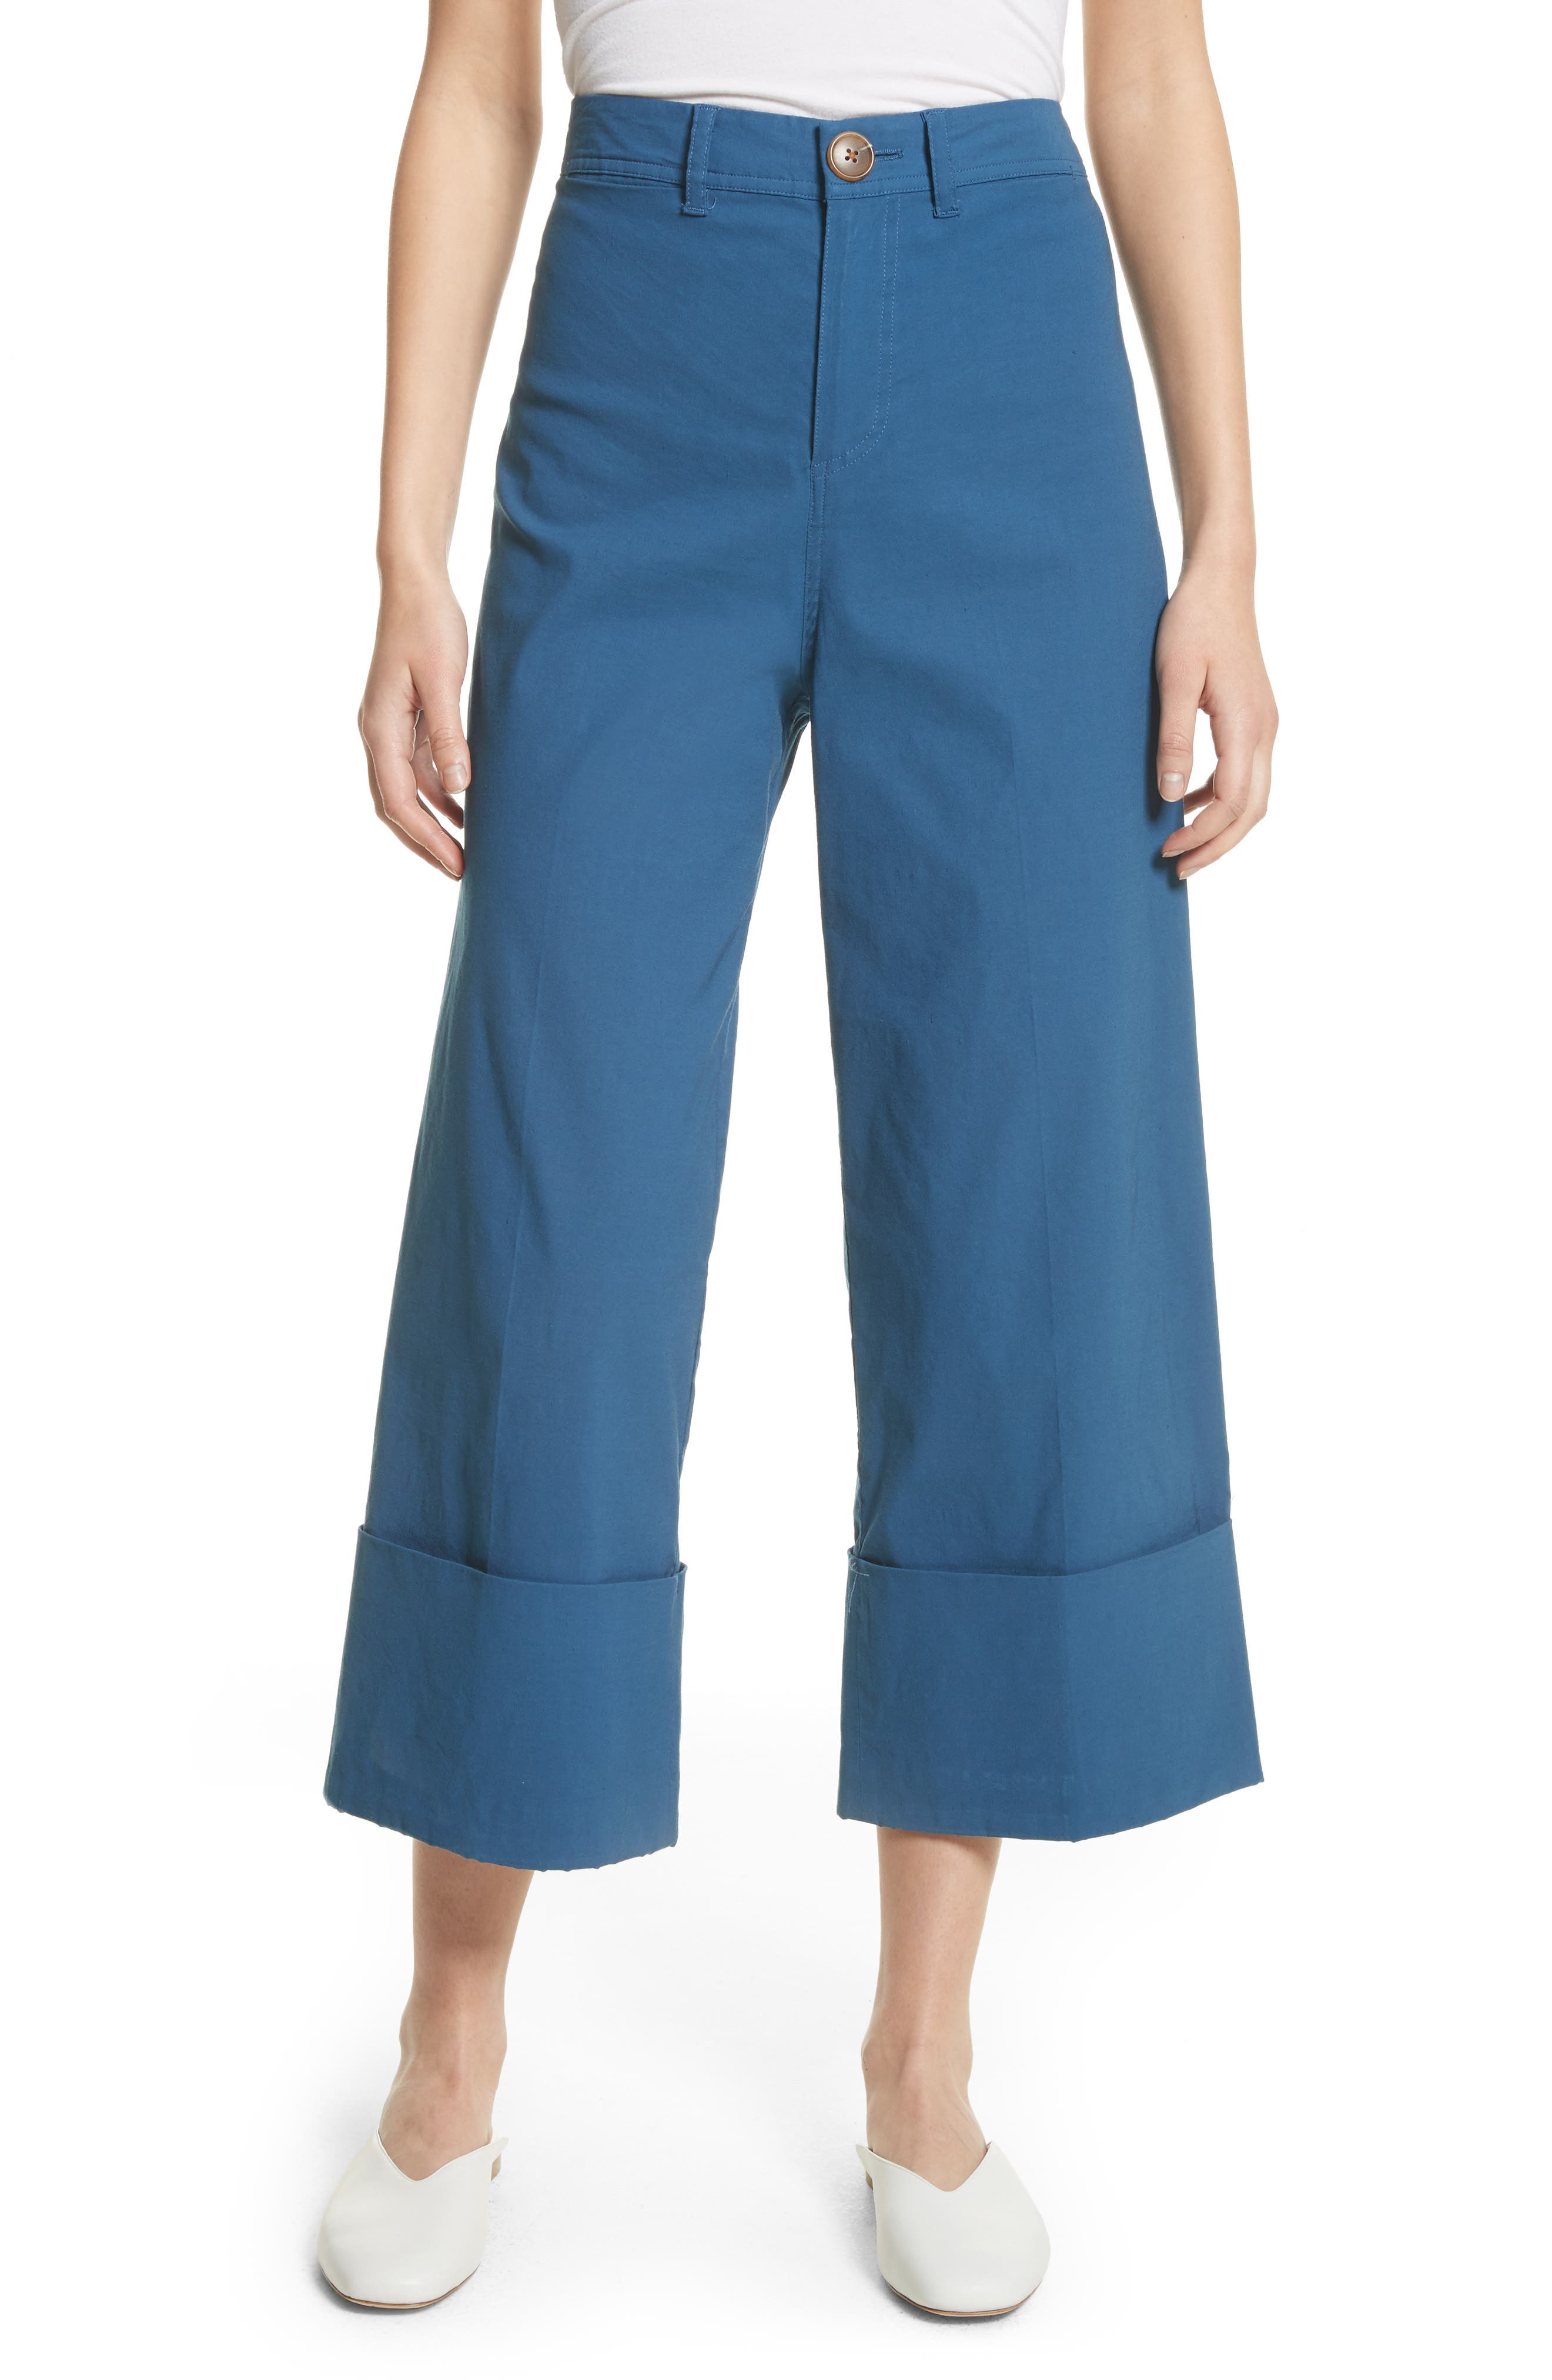 Winona Cuff Wide Leg Pants,                         Main,                         color, Blue